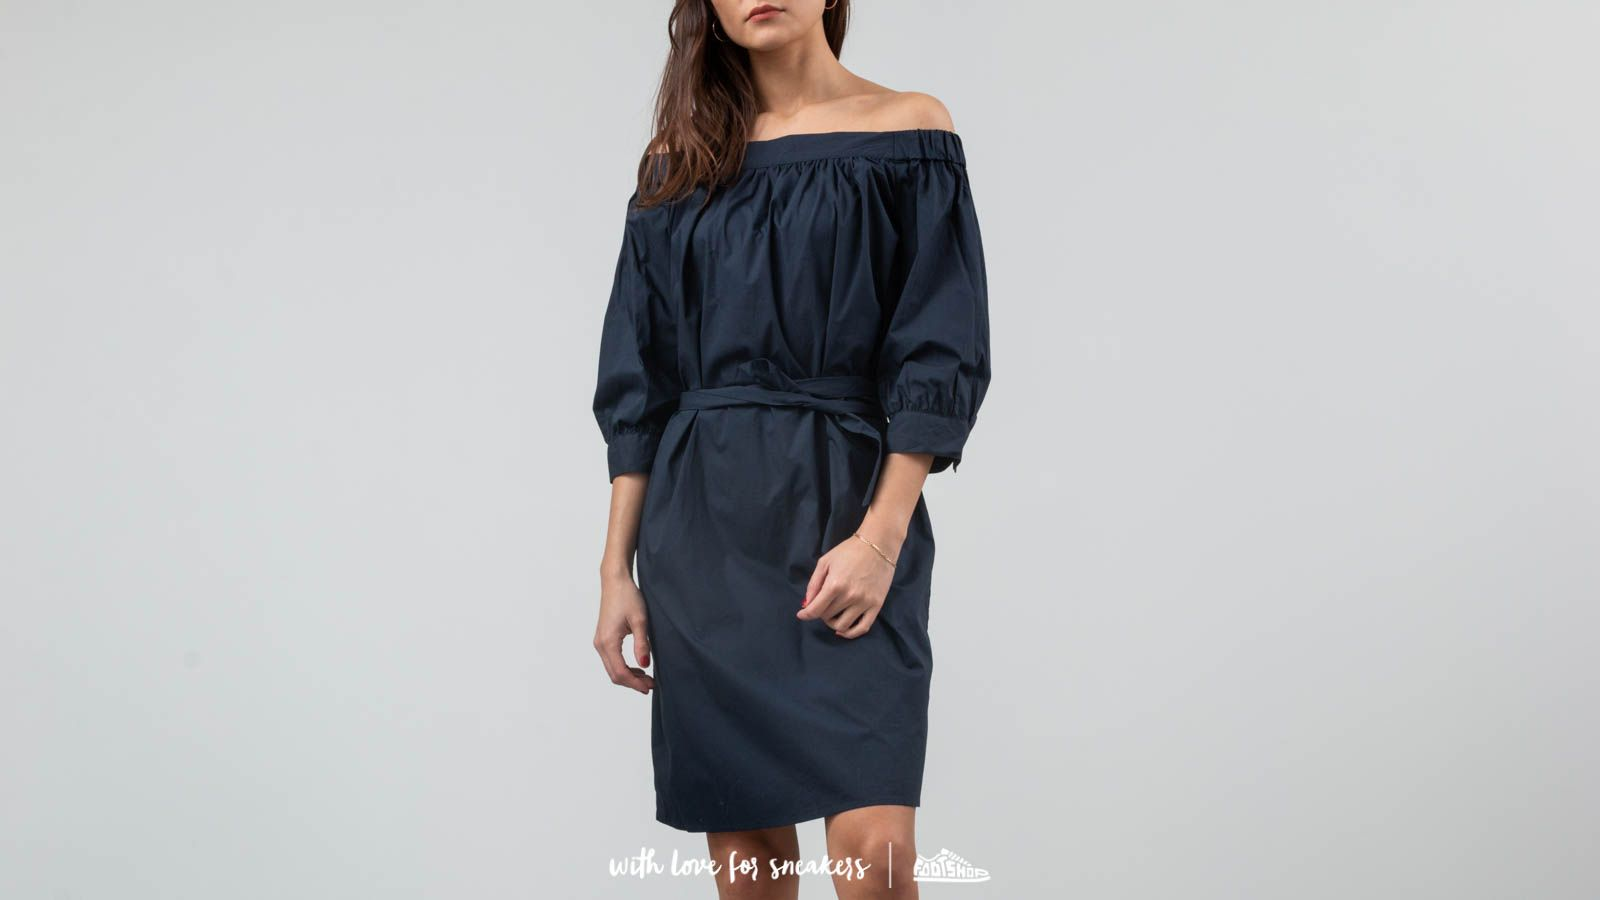 SELECTED Nadine 3/4 Off Shoulder Dress Camp Dark Sappire za skvělou cenu 1 070 Kč koupíte na Footshop.cz